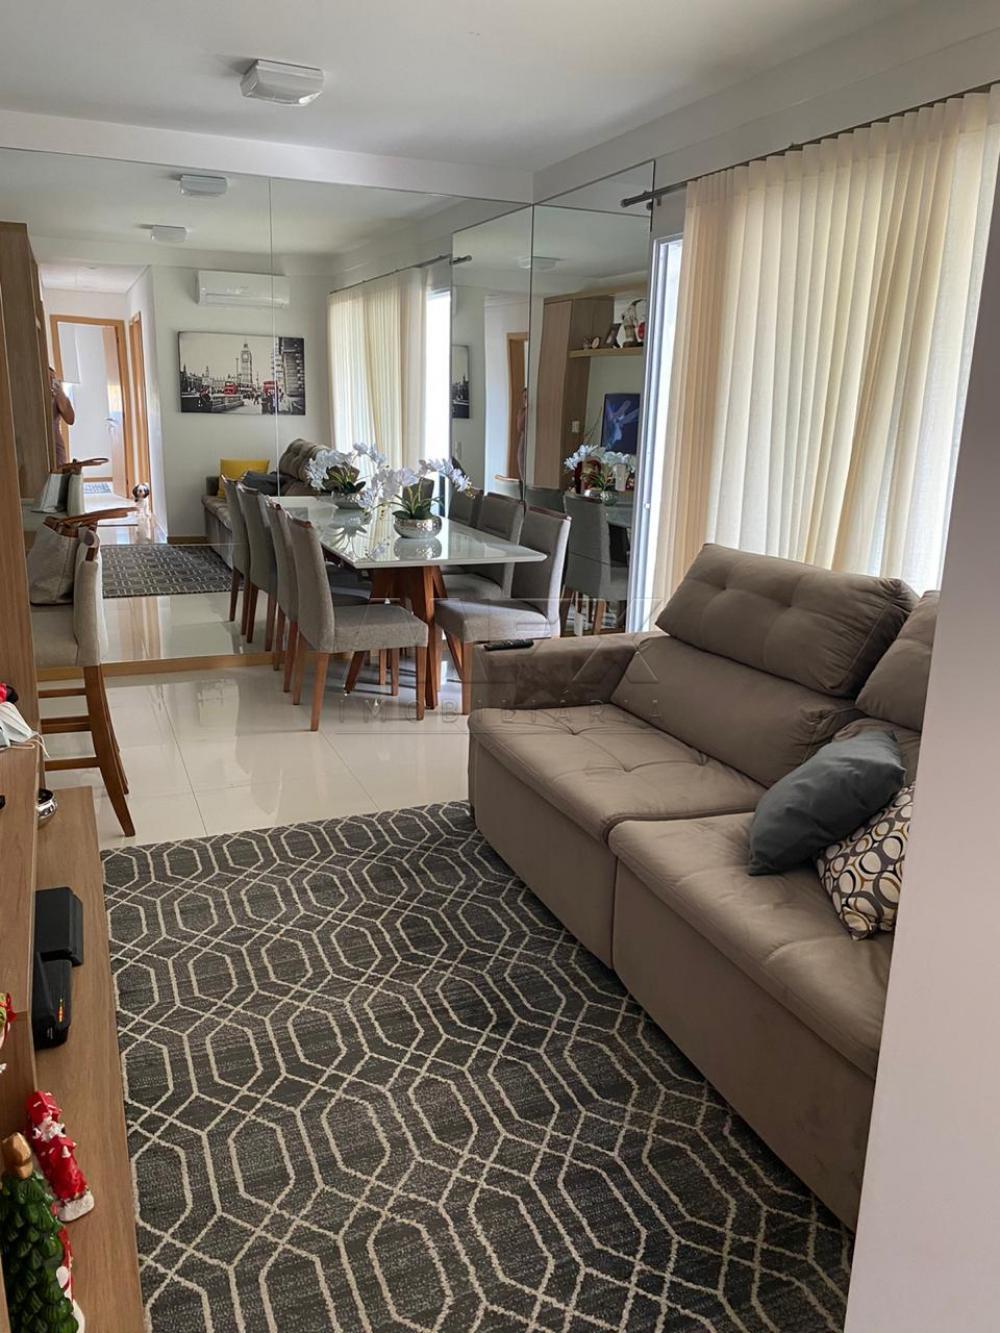 Comprar Apartamento / Padrão em Bauru R$ 580.000,00 - Foto 17